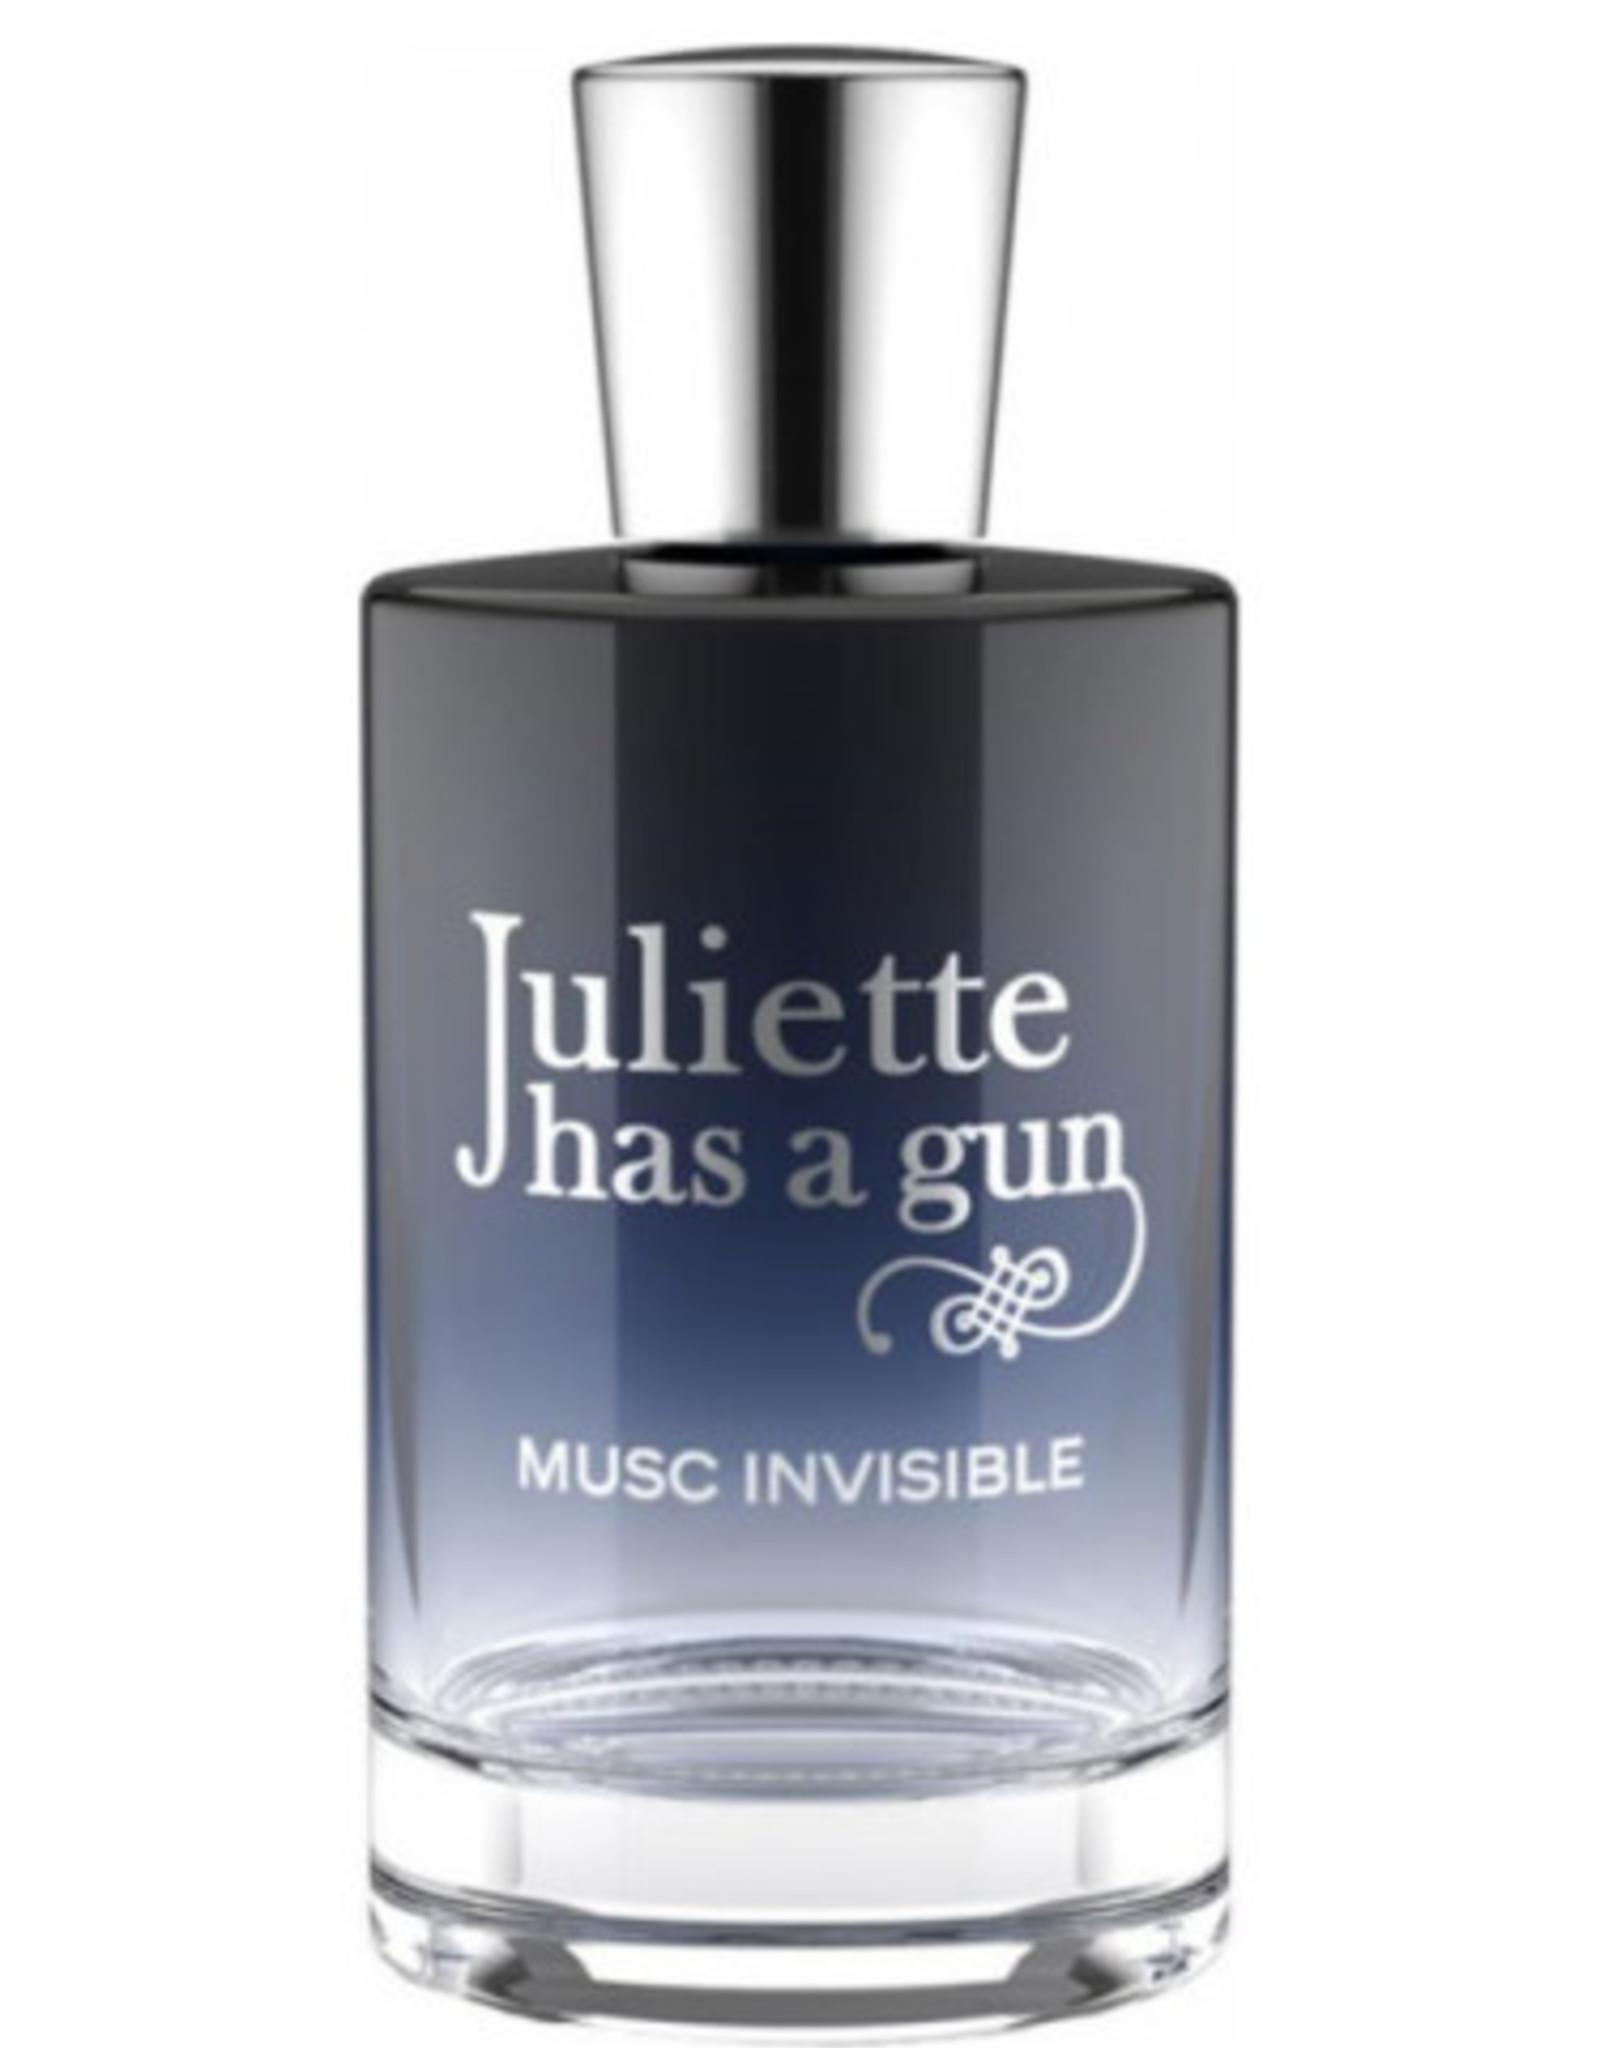 Juliette has a gun Juliette has a gun -  Musc invisible 100ml